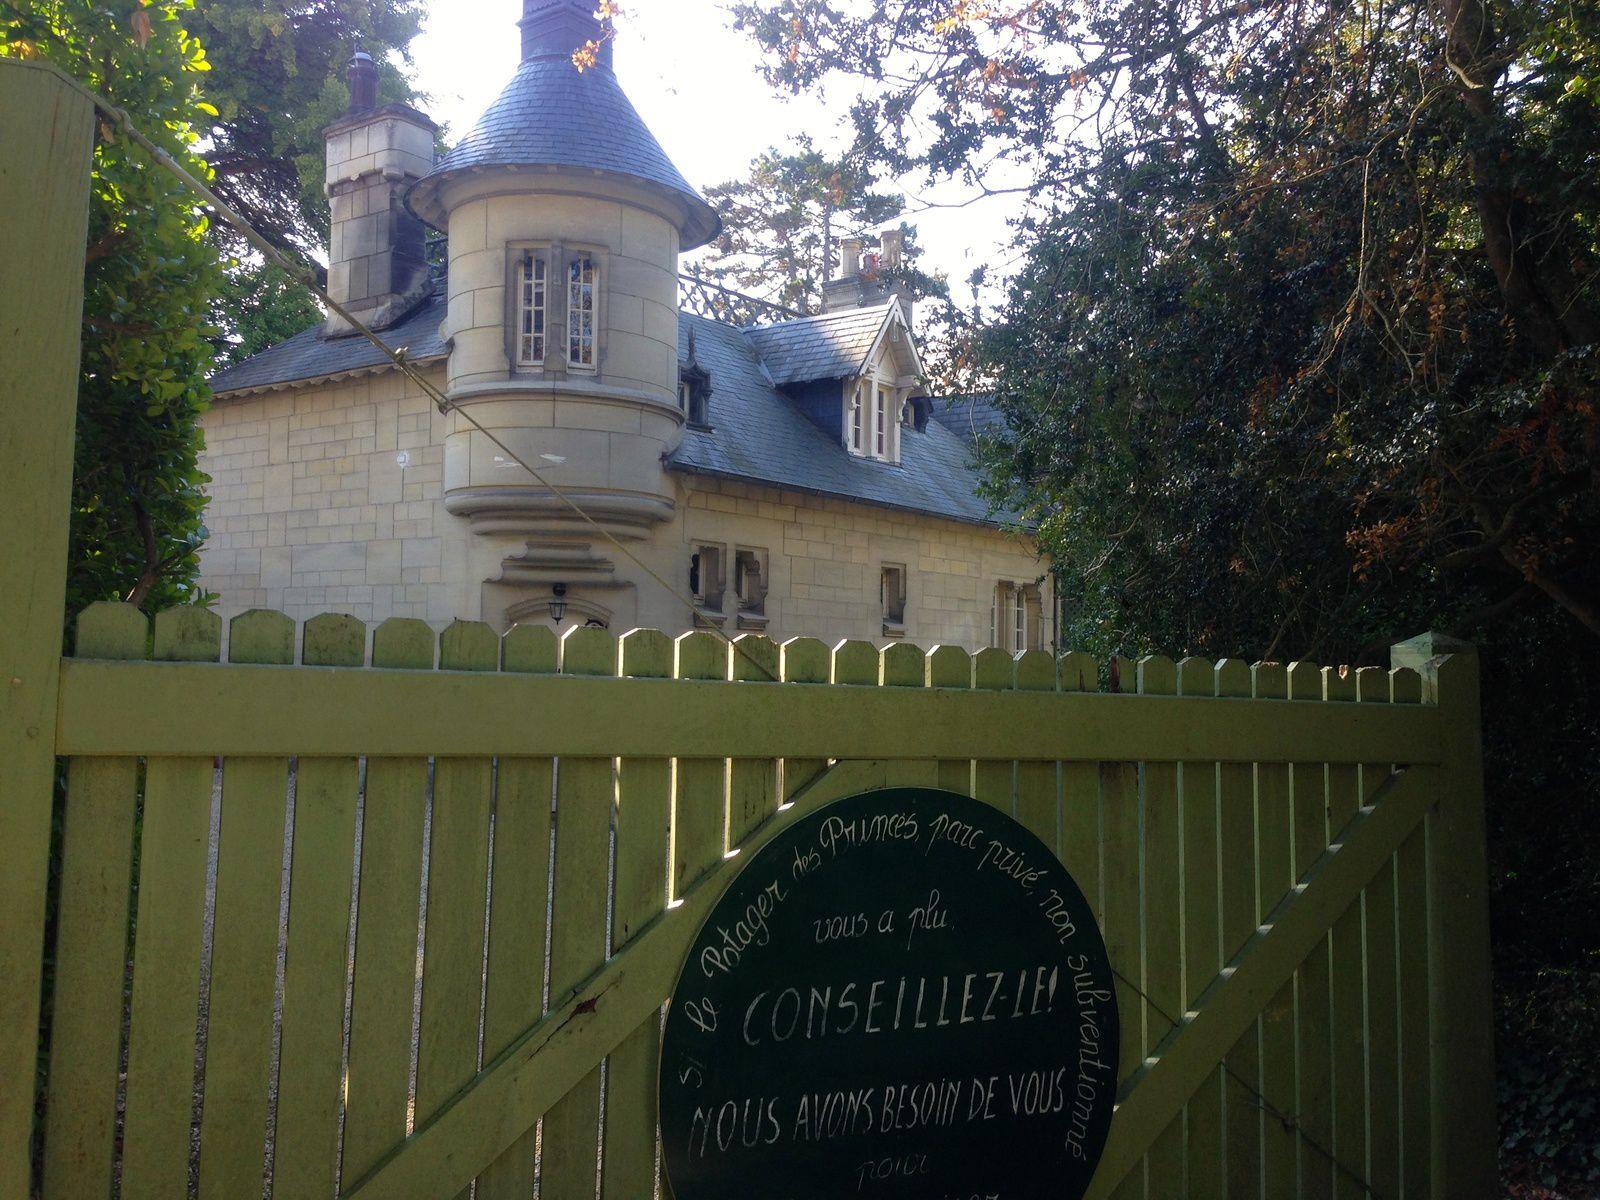 Potager des Princes - Chantilly - Oise